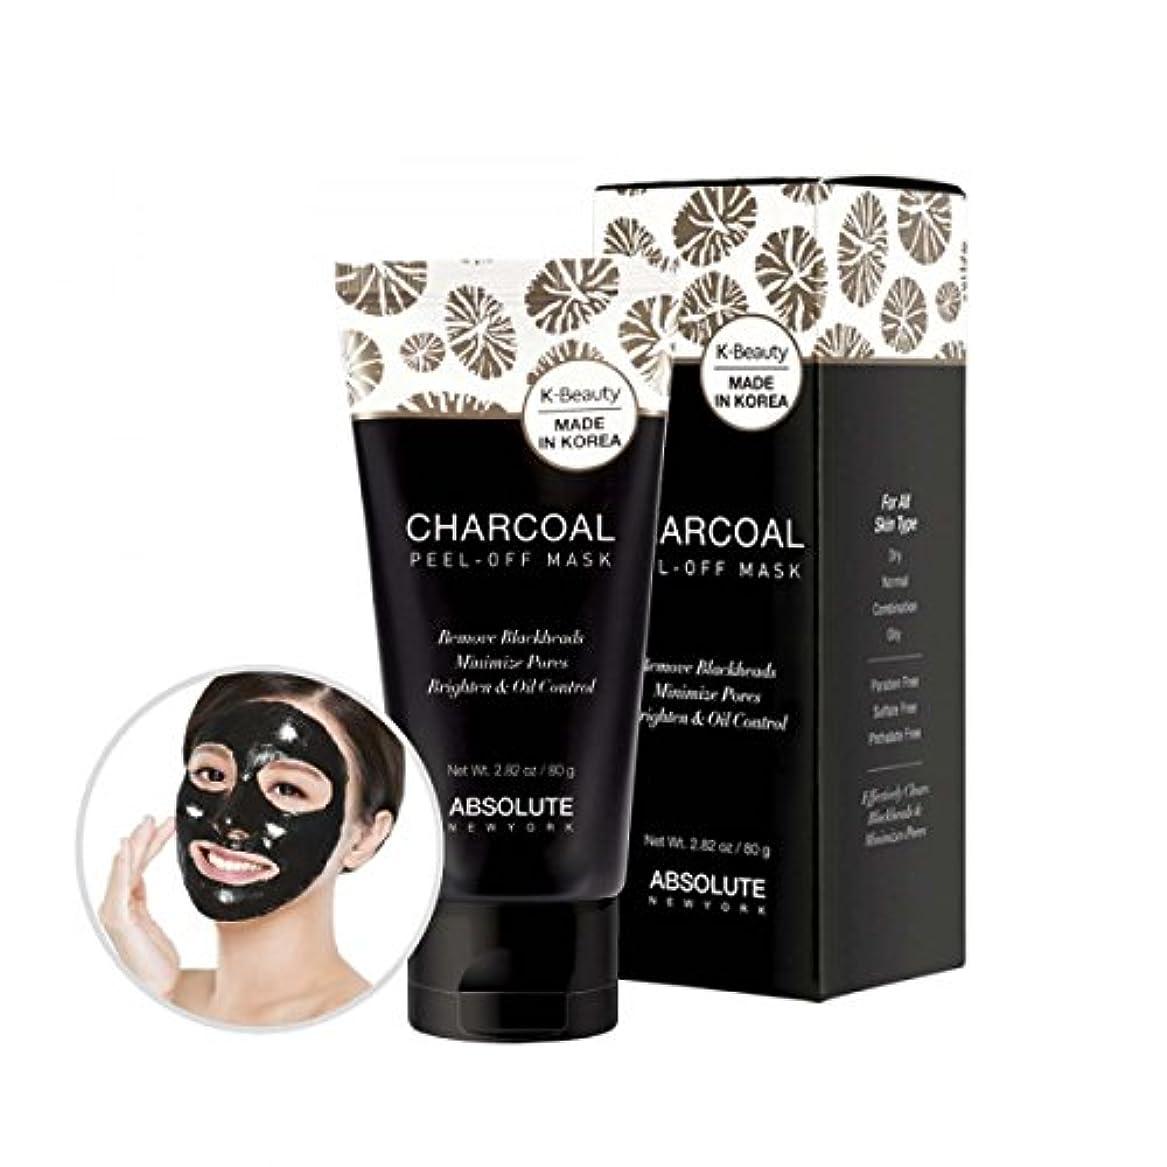 深く平和的証明する(6 Pack) ABSOLUTE Charcoal Peel-Off Mask (並行輸入品)